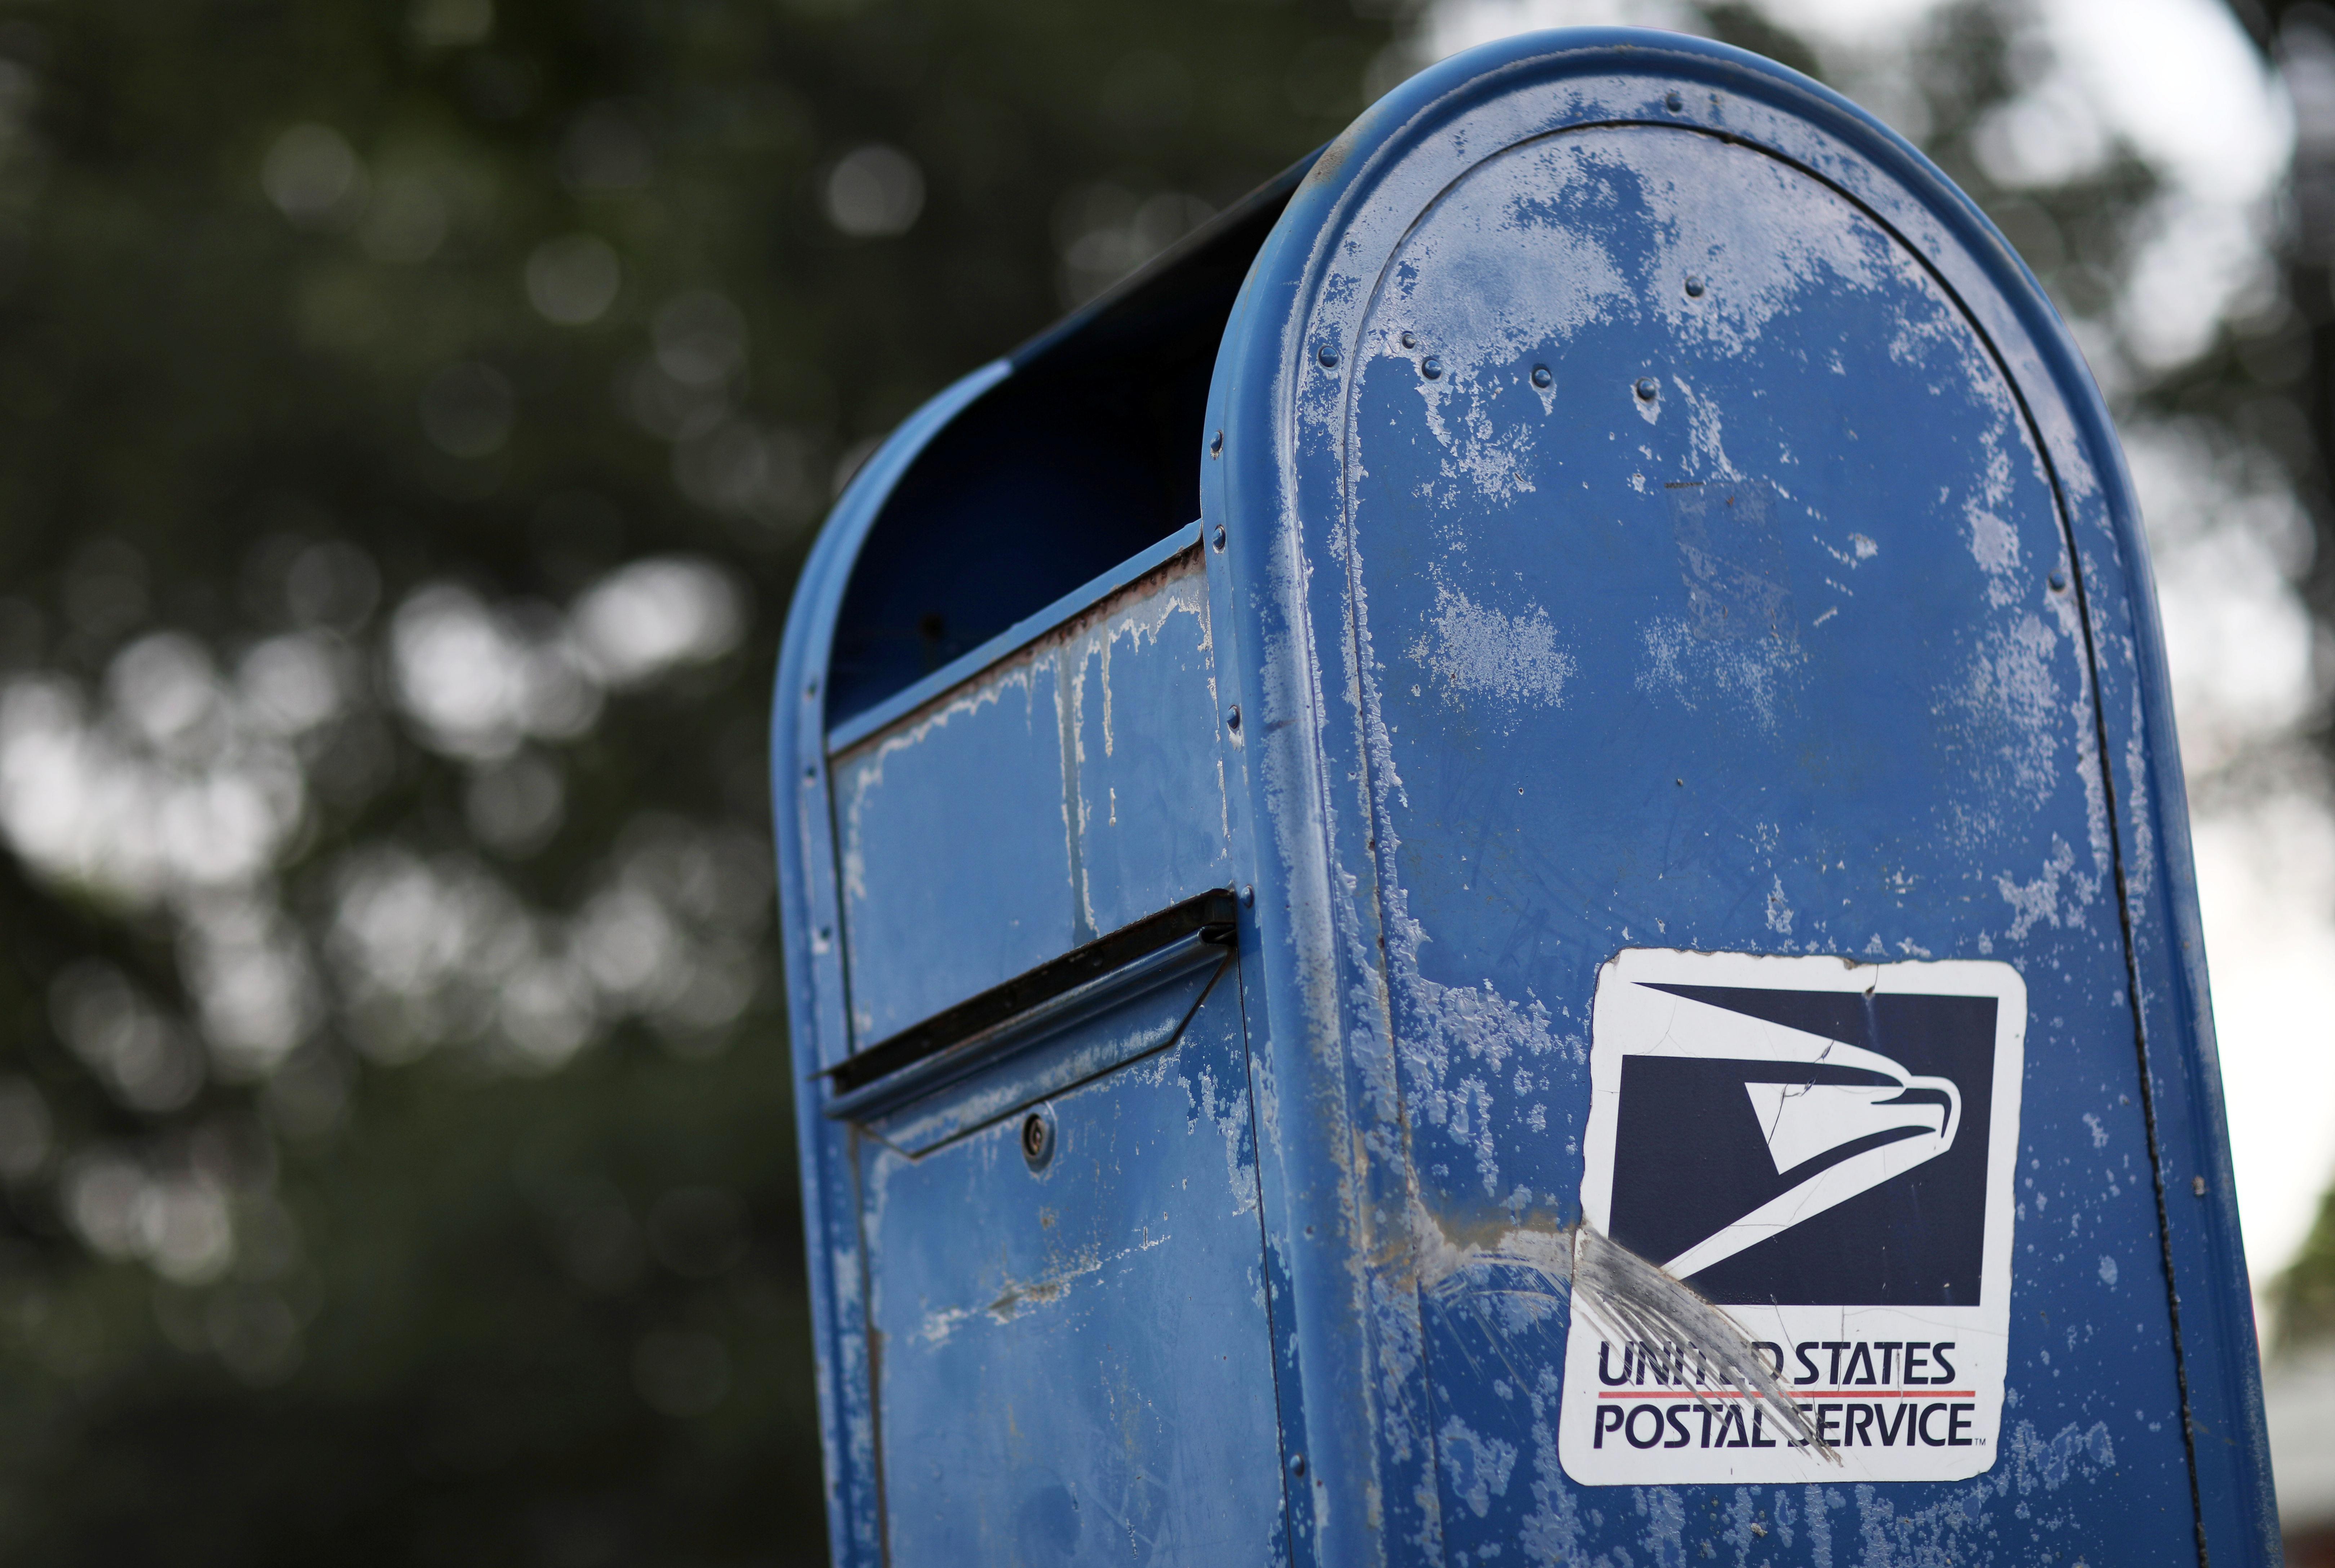 U S Postal Service Reorganization Sparks Delays Election